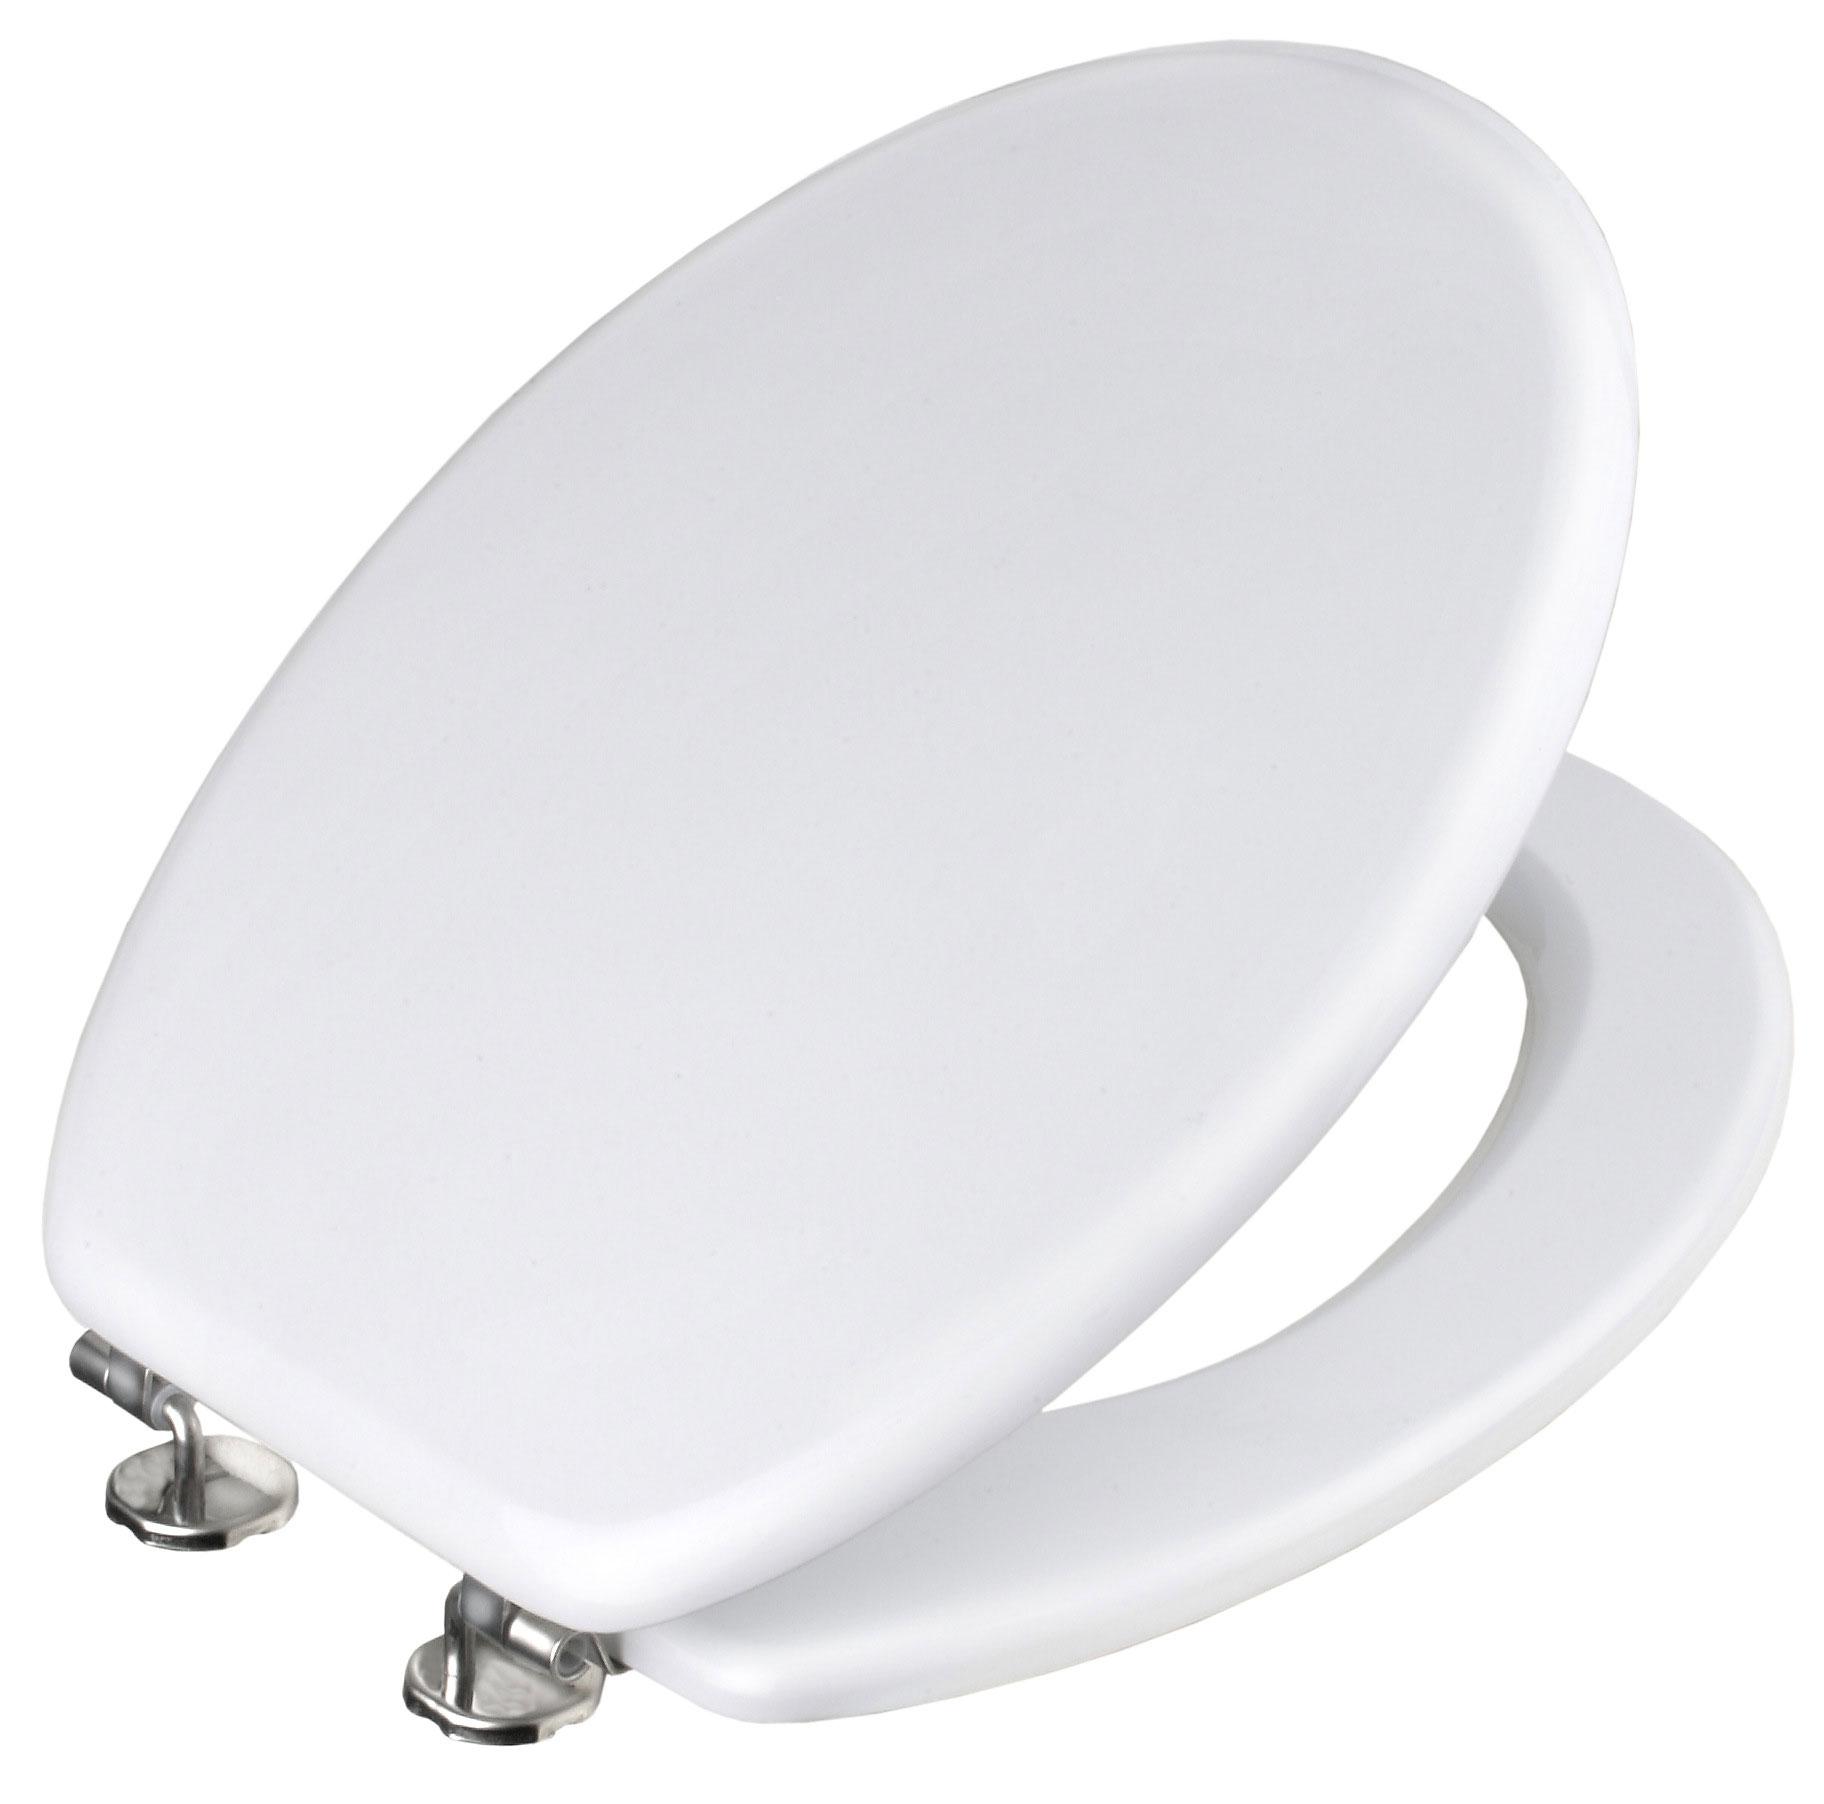 Cornat WC-Sitz / Toilettendeckel Bern weiß Bild 1